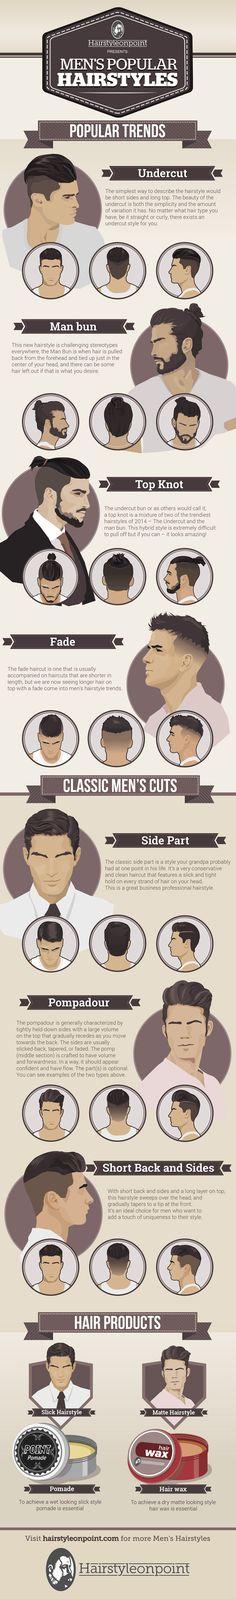 En quête d'inspiration pour votre prochain passage chez le coiffeur ? N'allez pas plus loin : voici toutes les coupes de cheveux pour homme populaires en 2015.